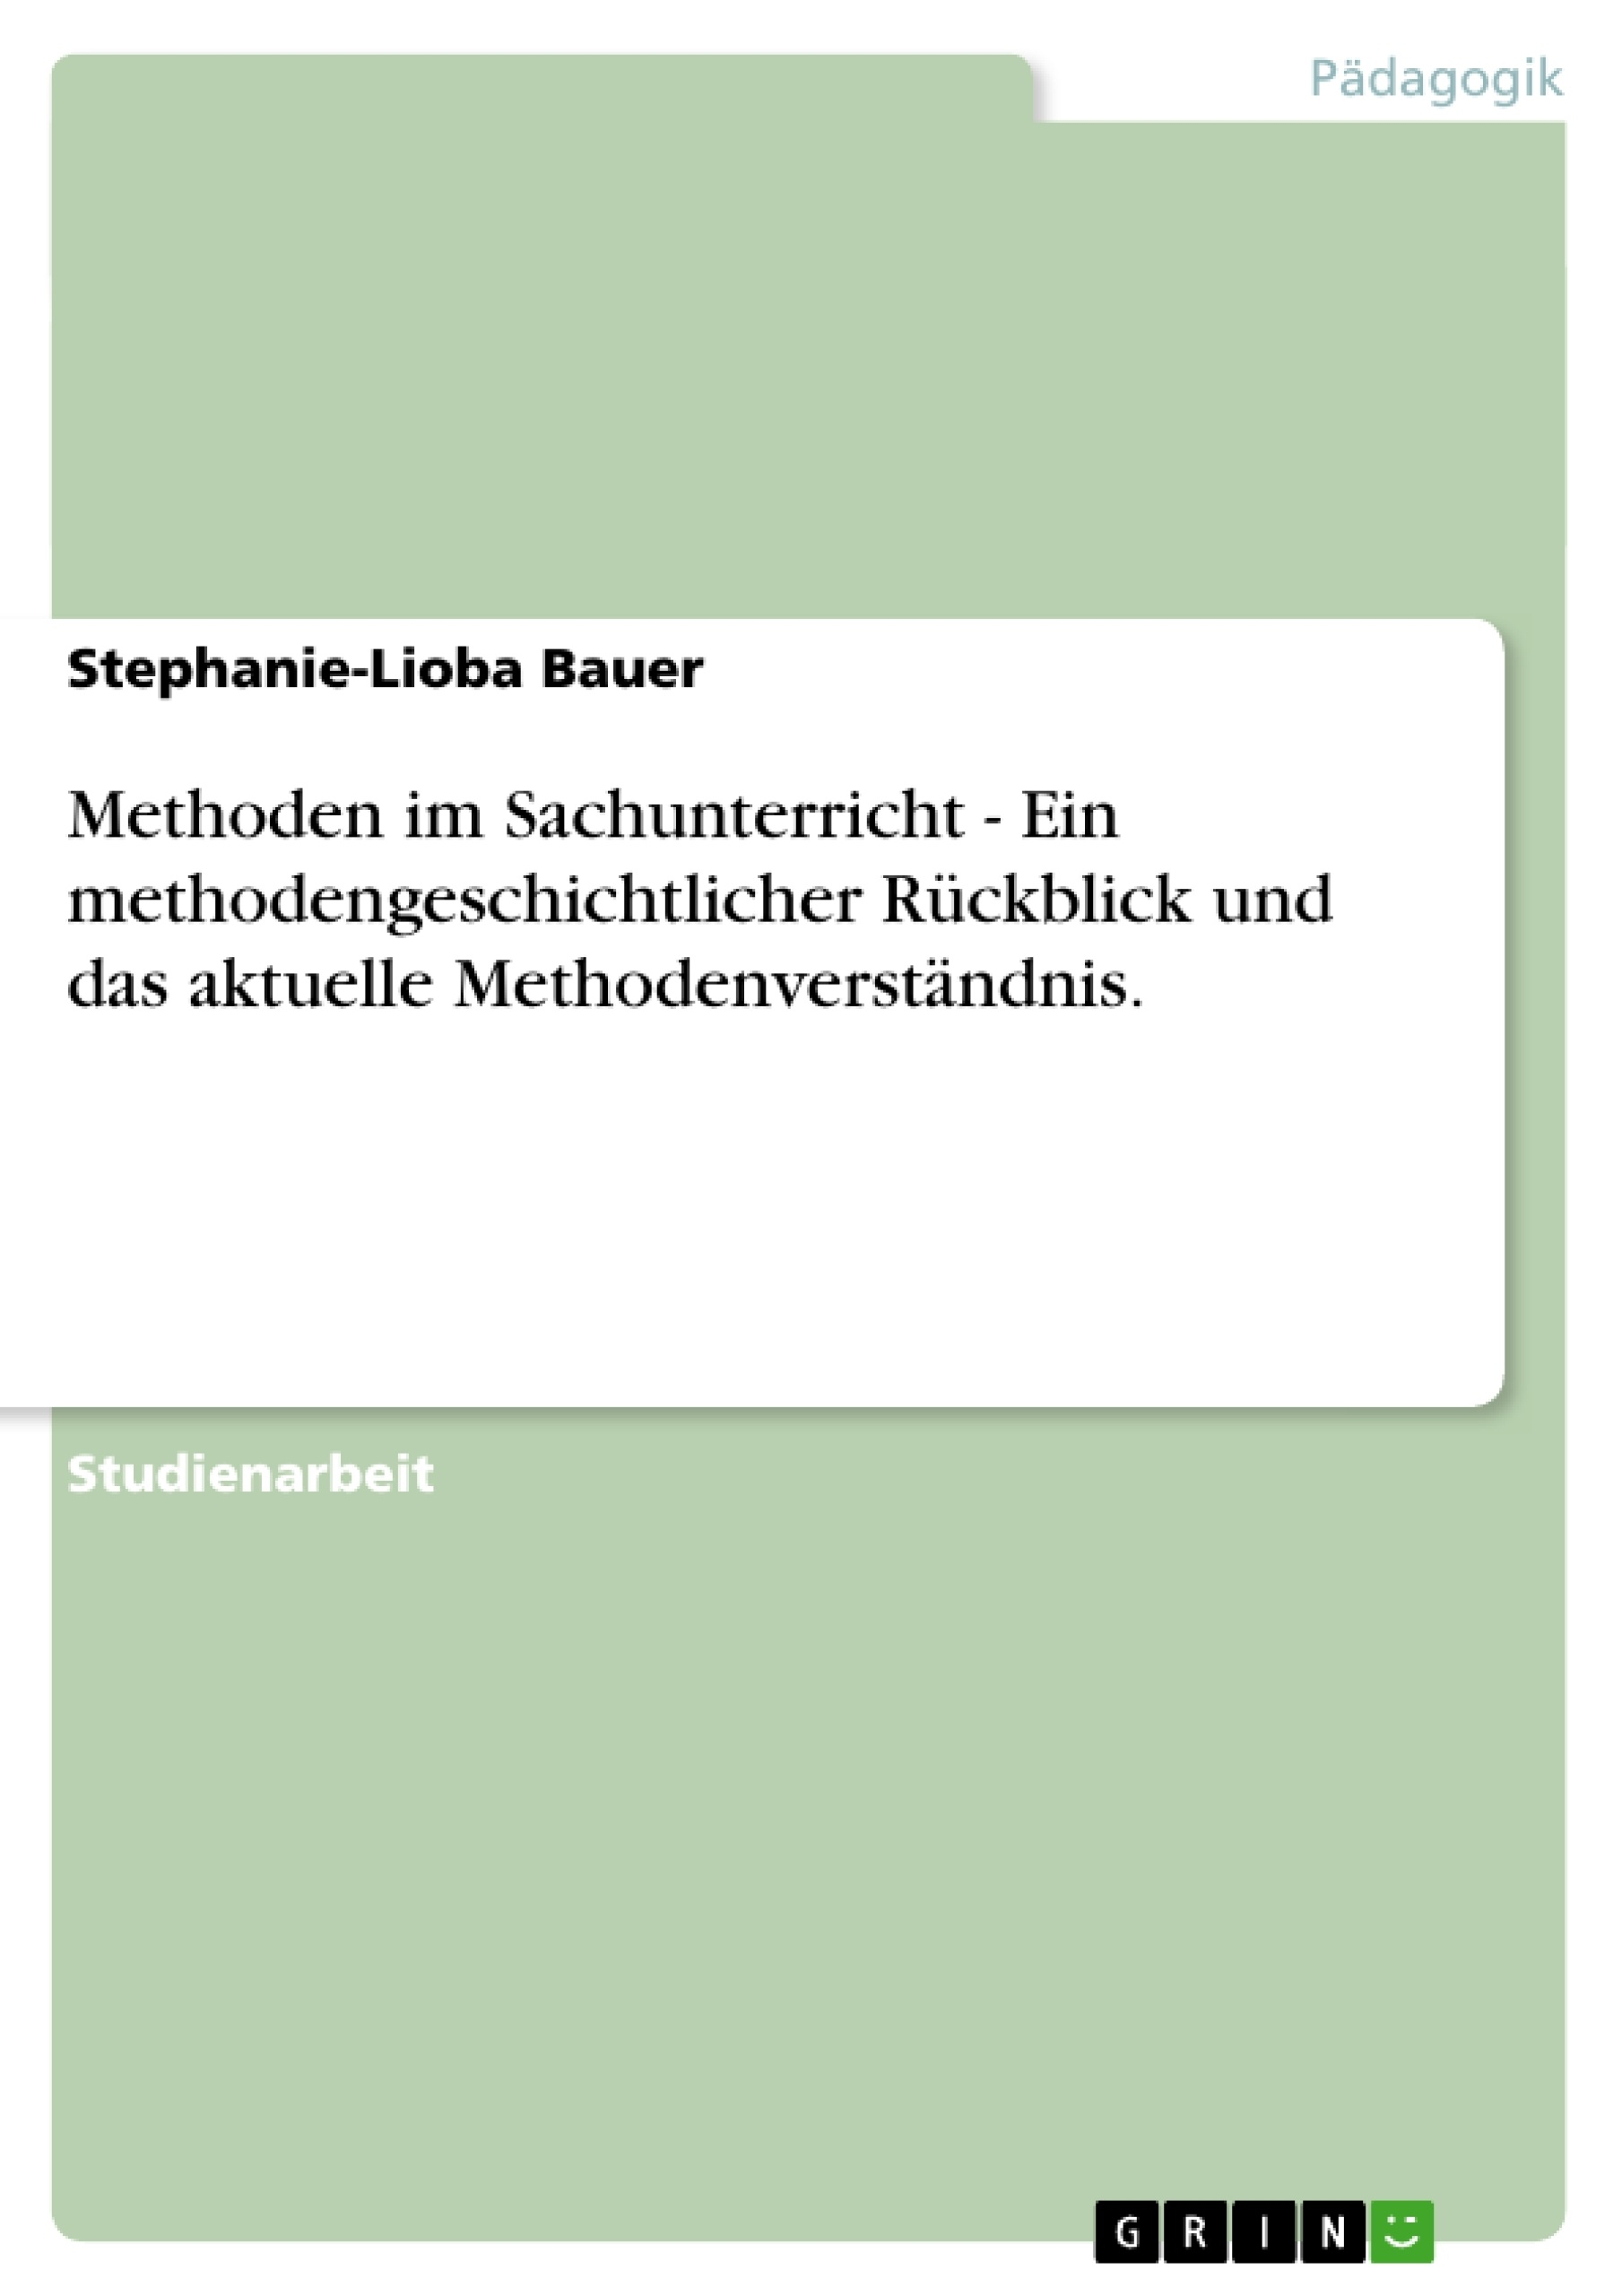 Titel: Methoden im Sachunterricht - Ein methodengeschichtlicher Rückblick und das aktuelle Methodenverständnis.